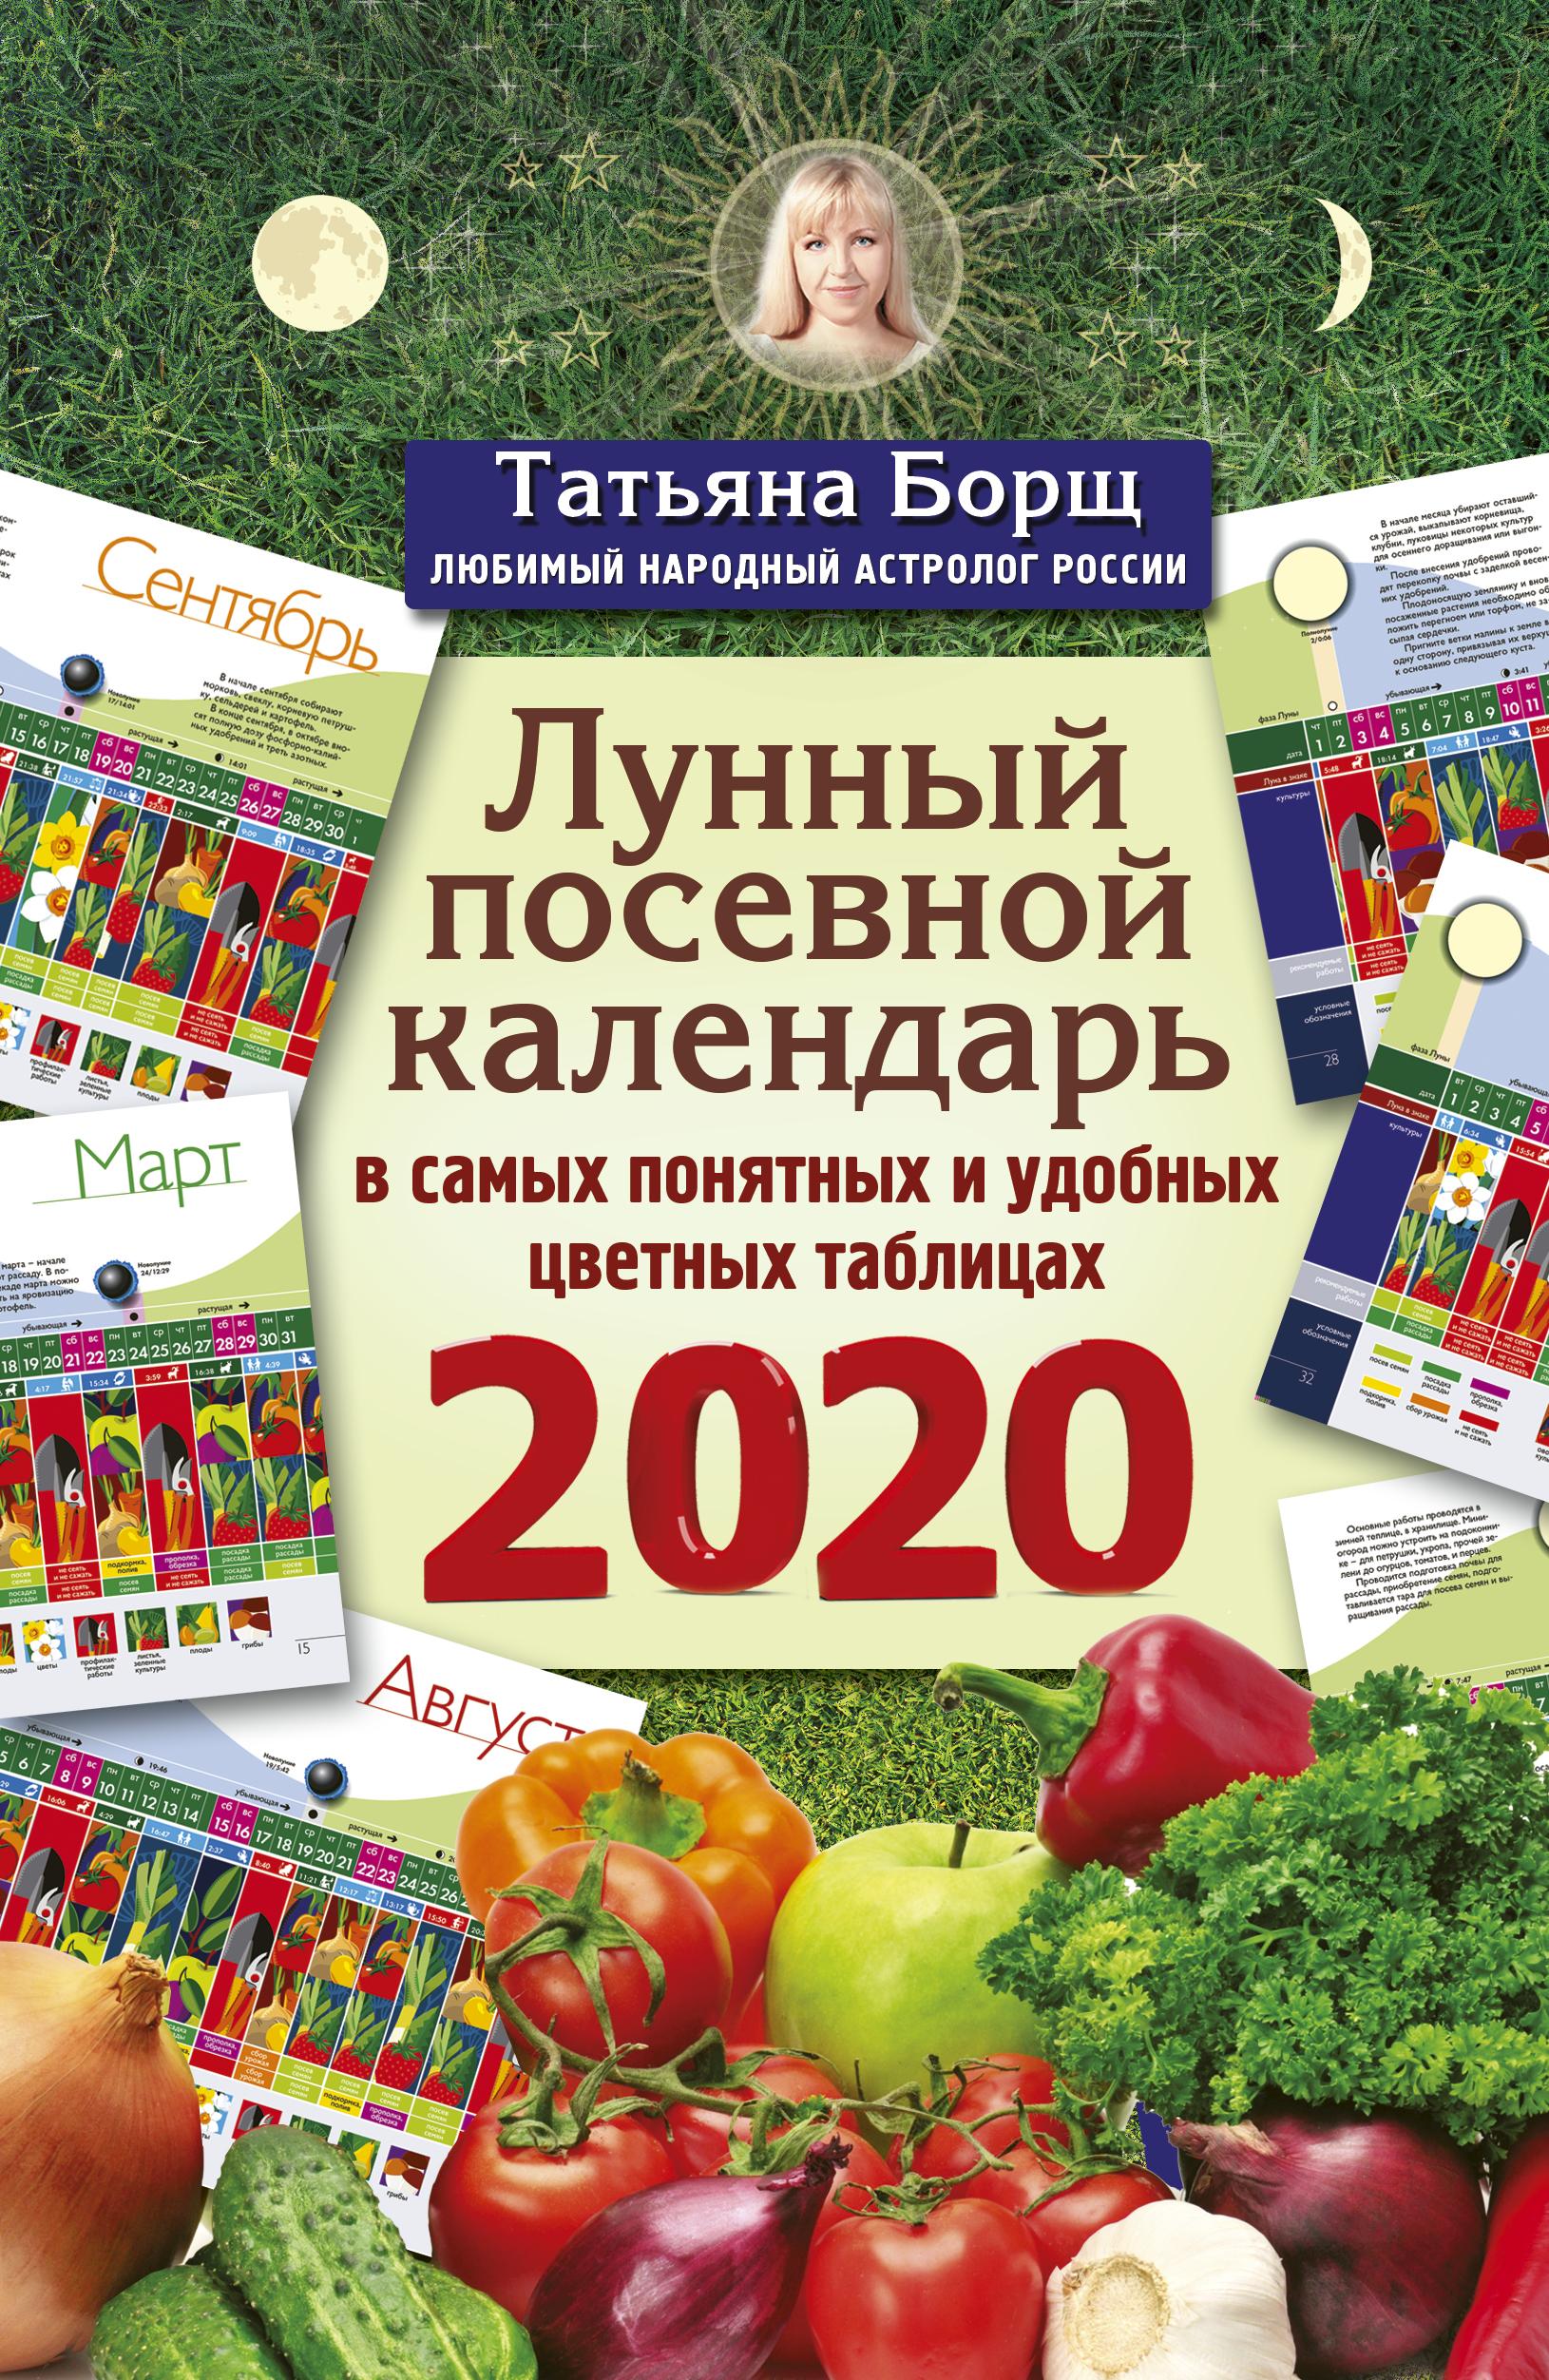 Борщ Т. Лунный посевной календарь в самых понятных и удобных цветных таблицах на 2020 год борщ т посевной лунный календарь в самых понятных и удобных цветных таблицах 2013 год